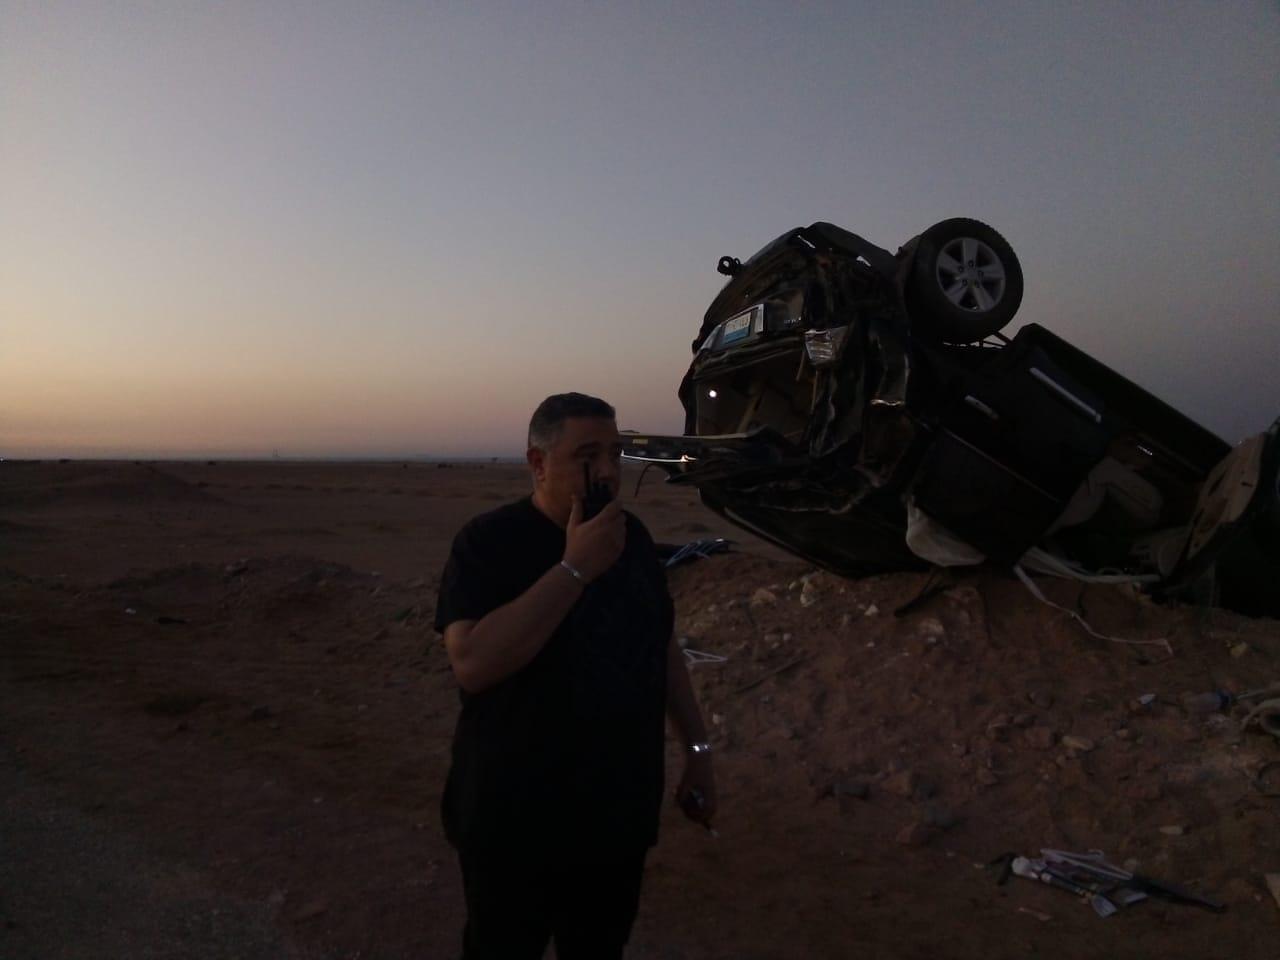 محافظ البحر الأحمر يطمئن على مواطنين انقلبت سيارتهما على طريق الزعفرانة